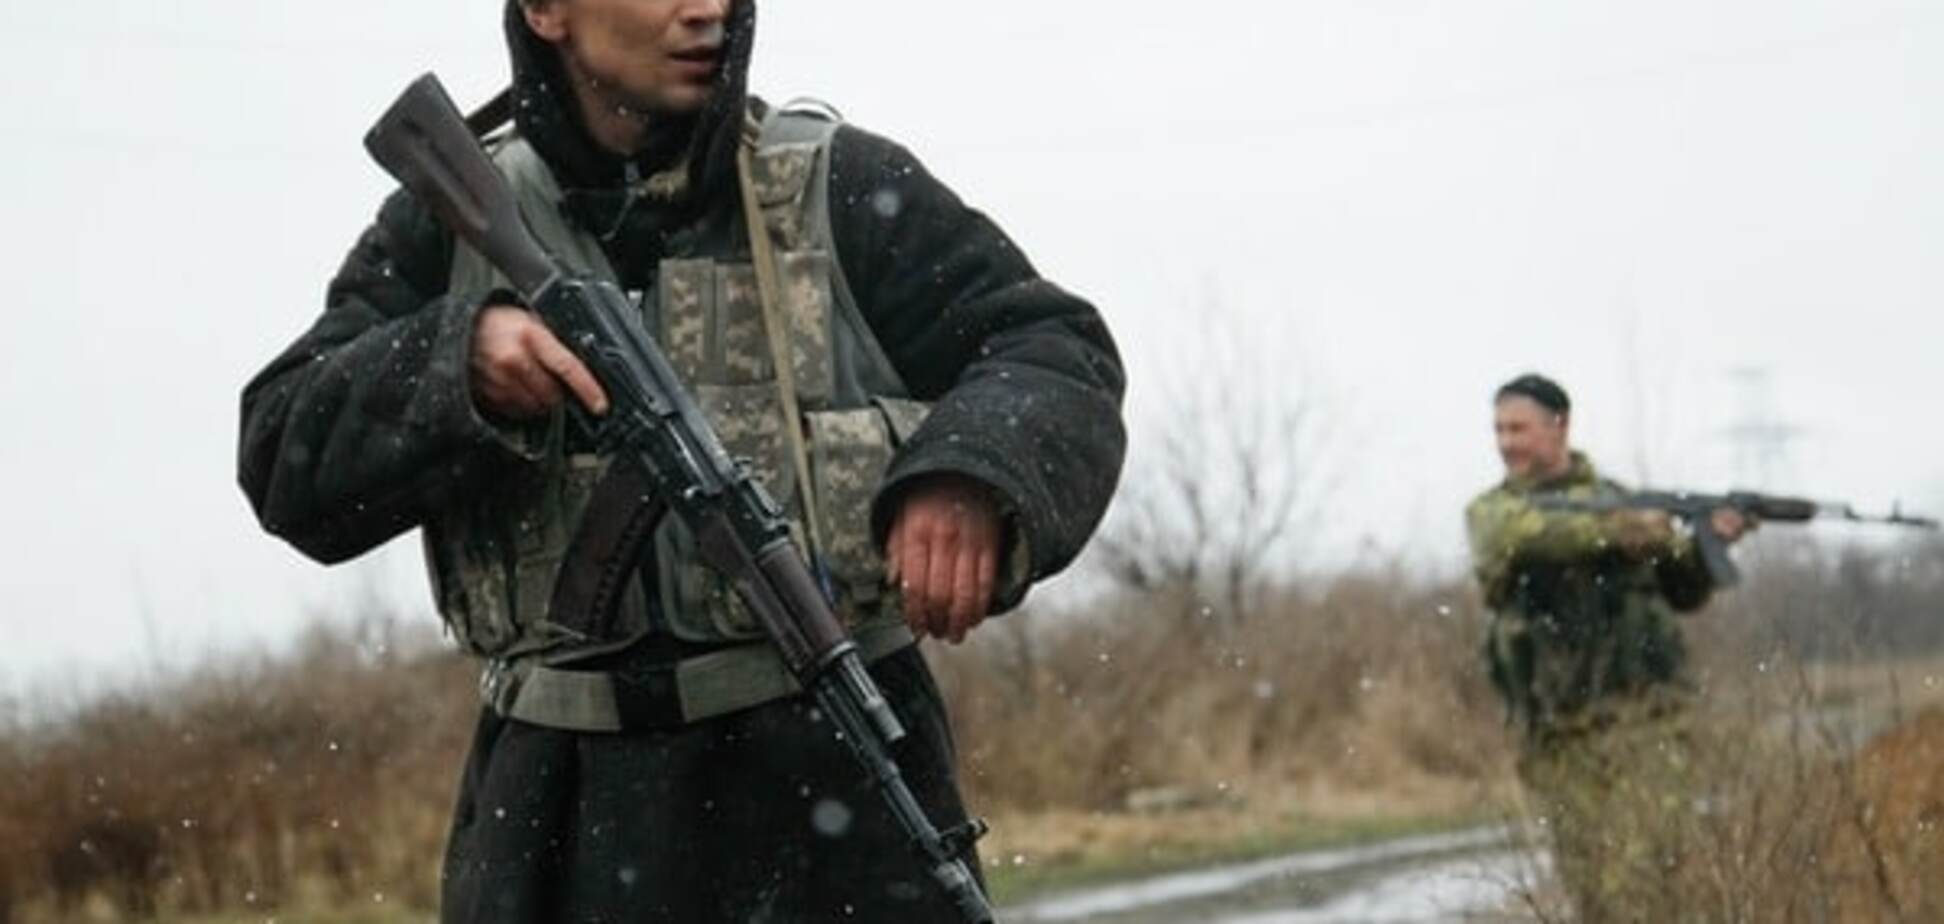 Режим 'тишины' длился недолго: в штабе АТО рассказали об активизации террористов на Донбассе